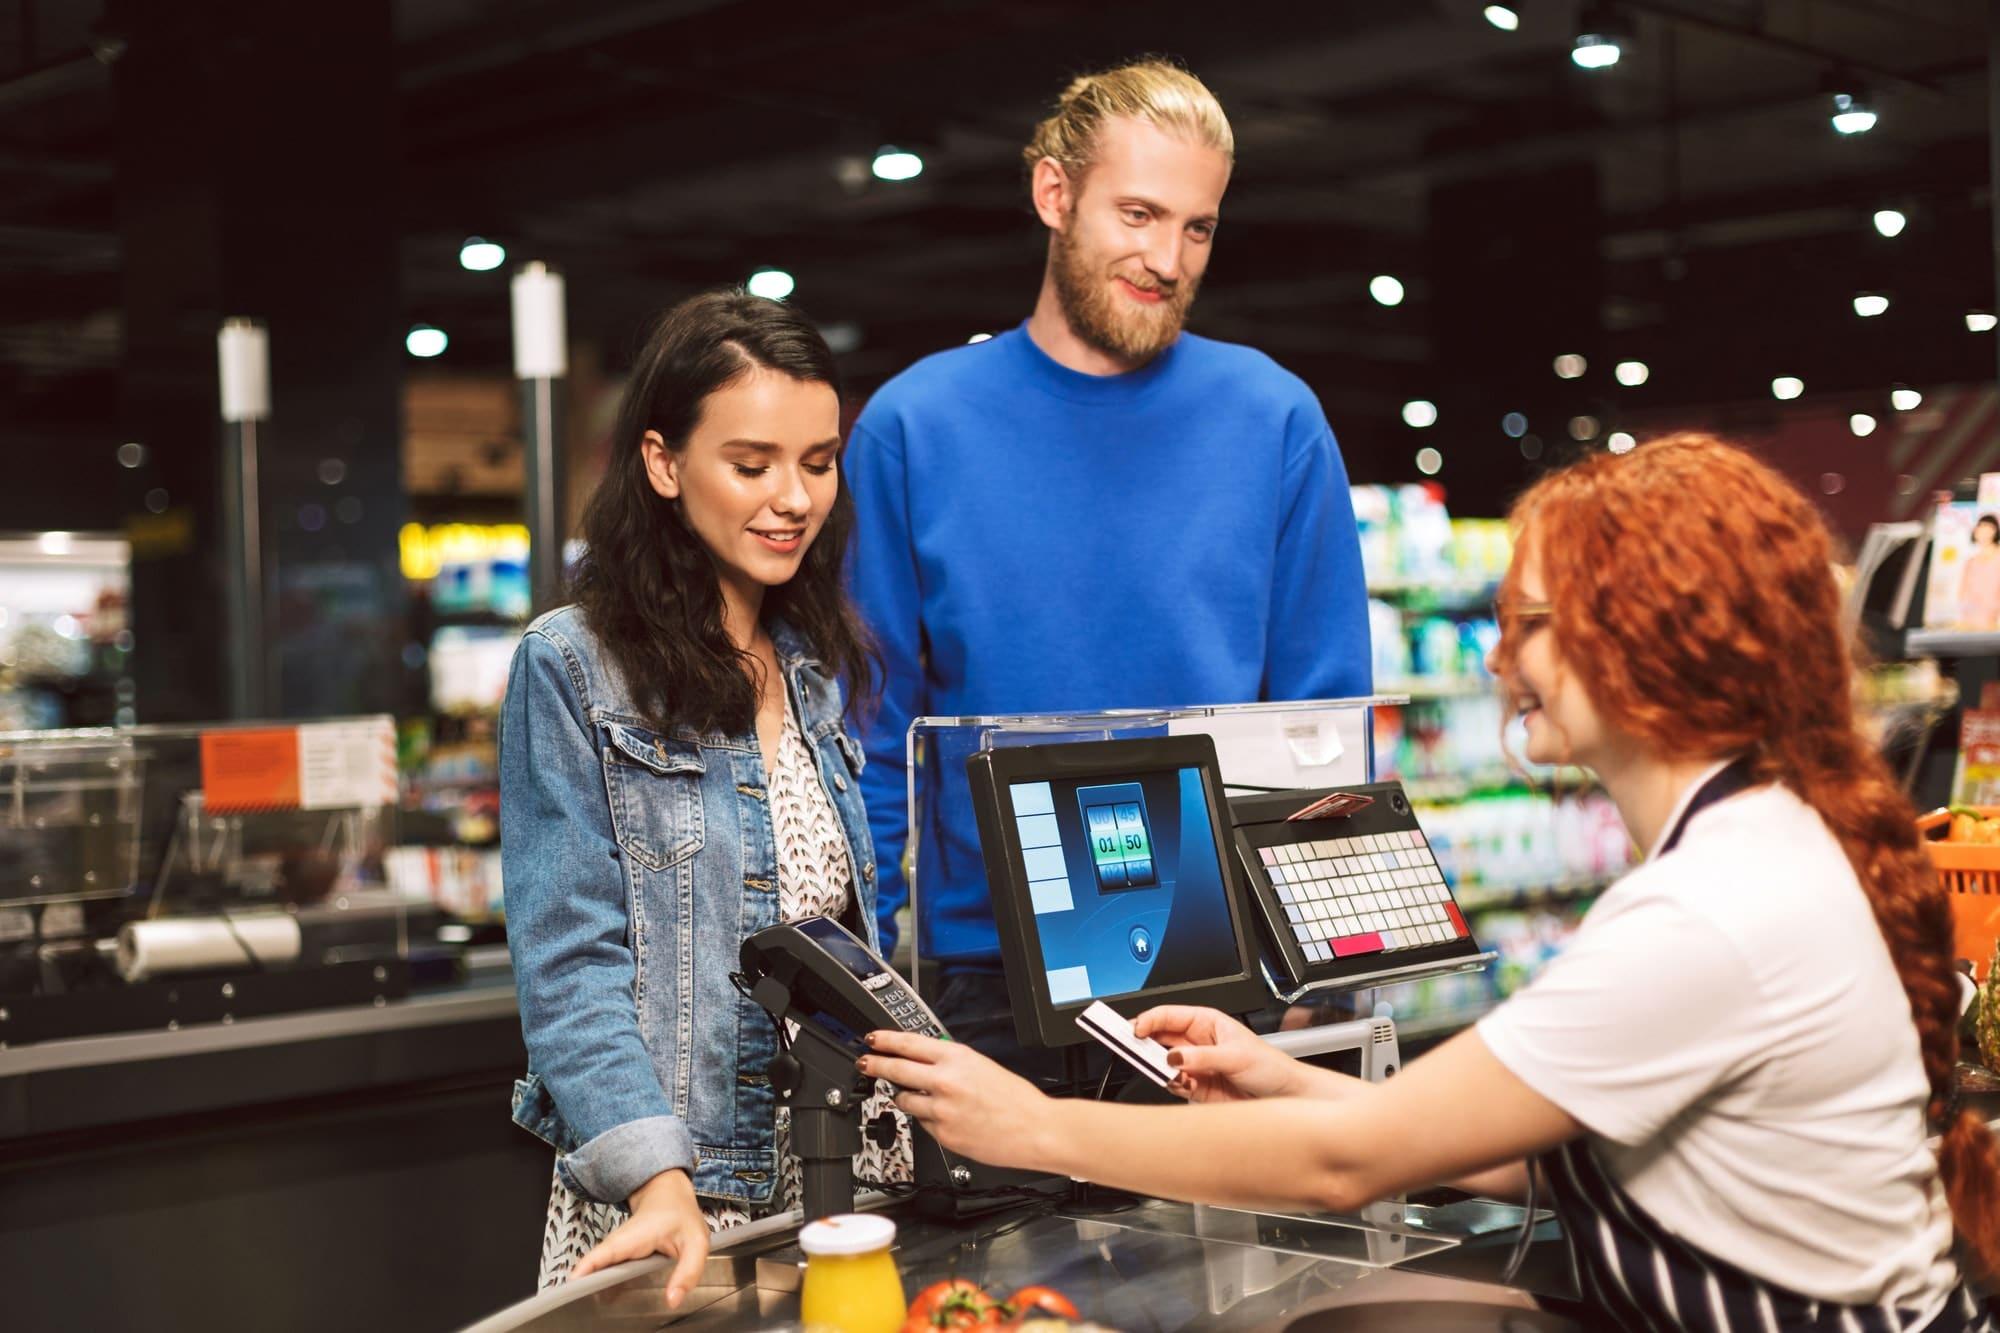 Cashback cosa deve fare il commerciante? Cashback cosa deve fare il commerciante?